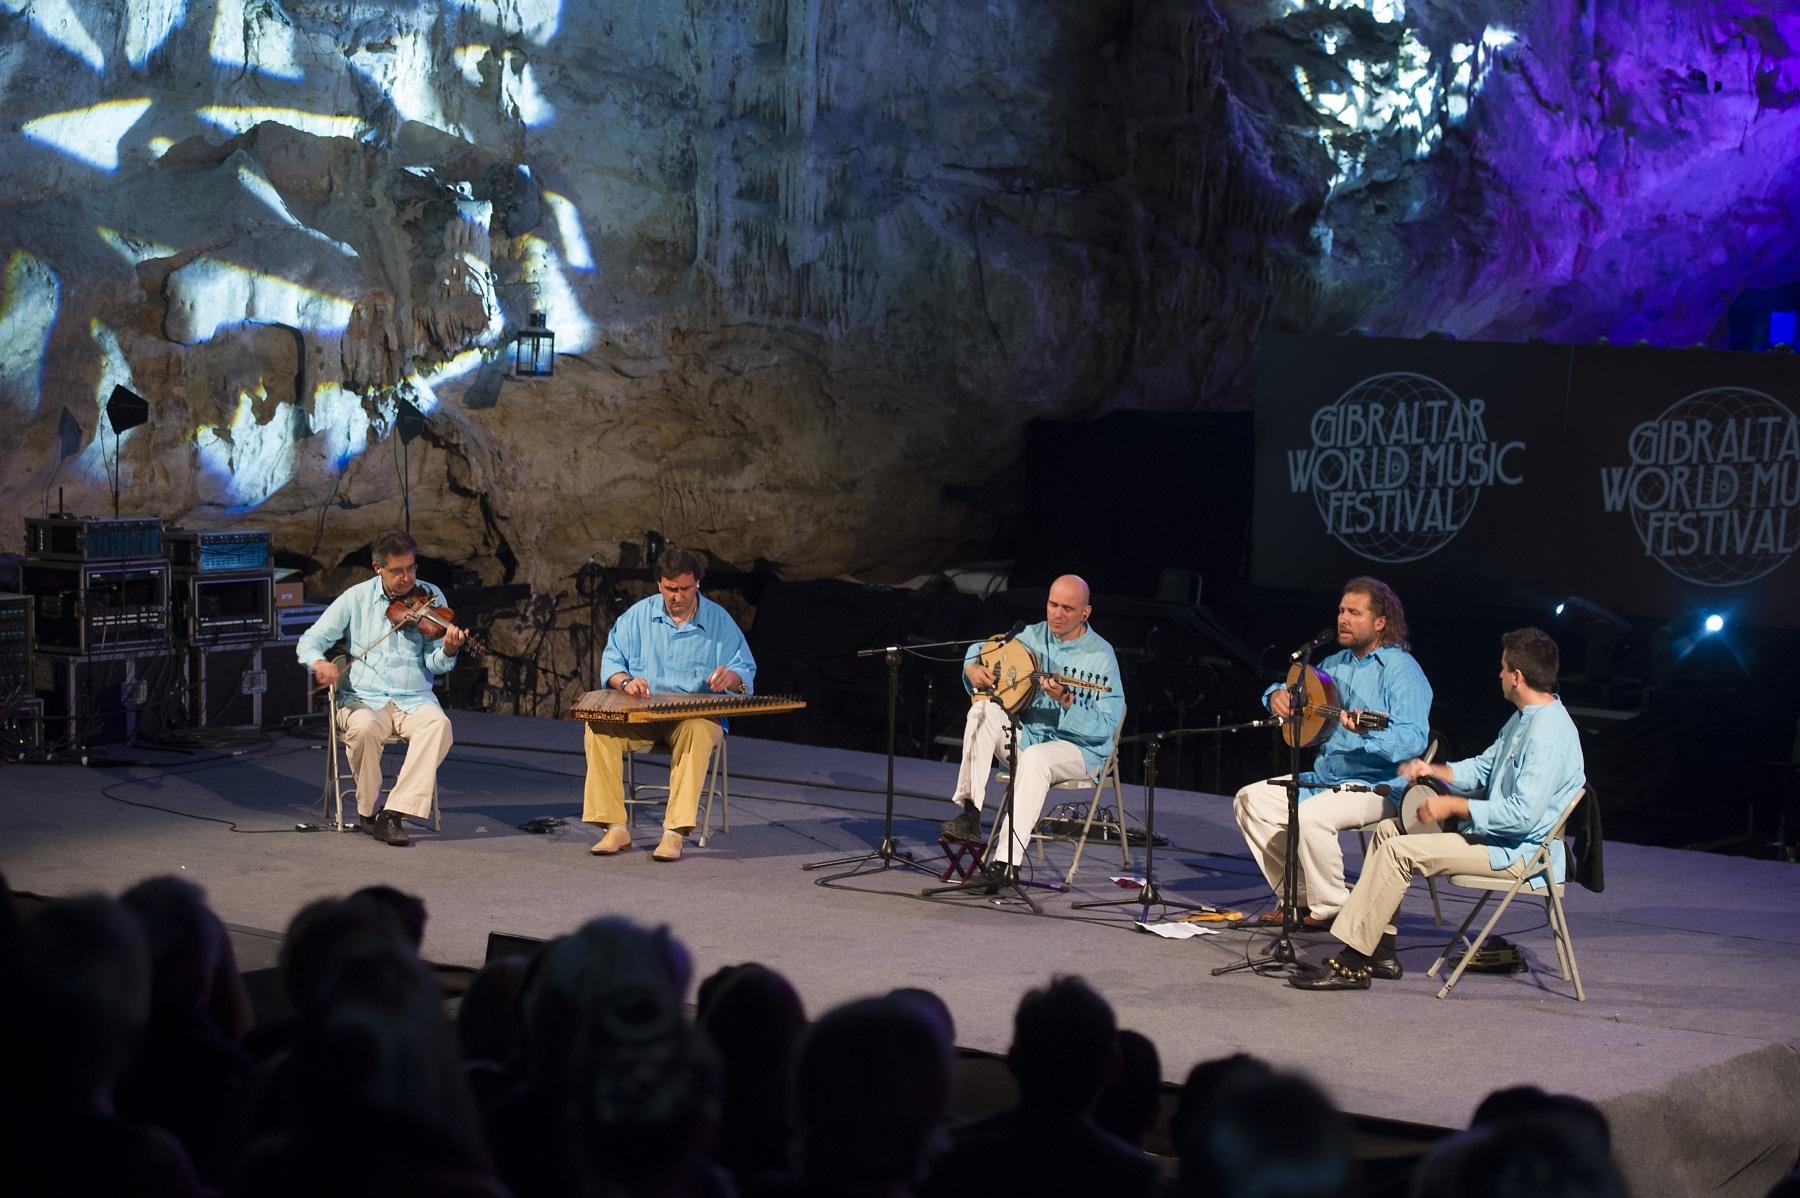 gibraltar-world-music-festival-dia-1-en-chordais-06_9222653429_o